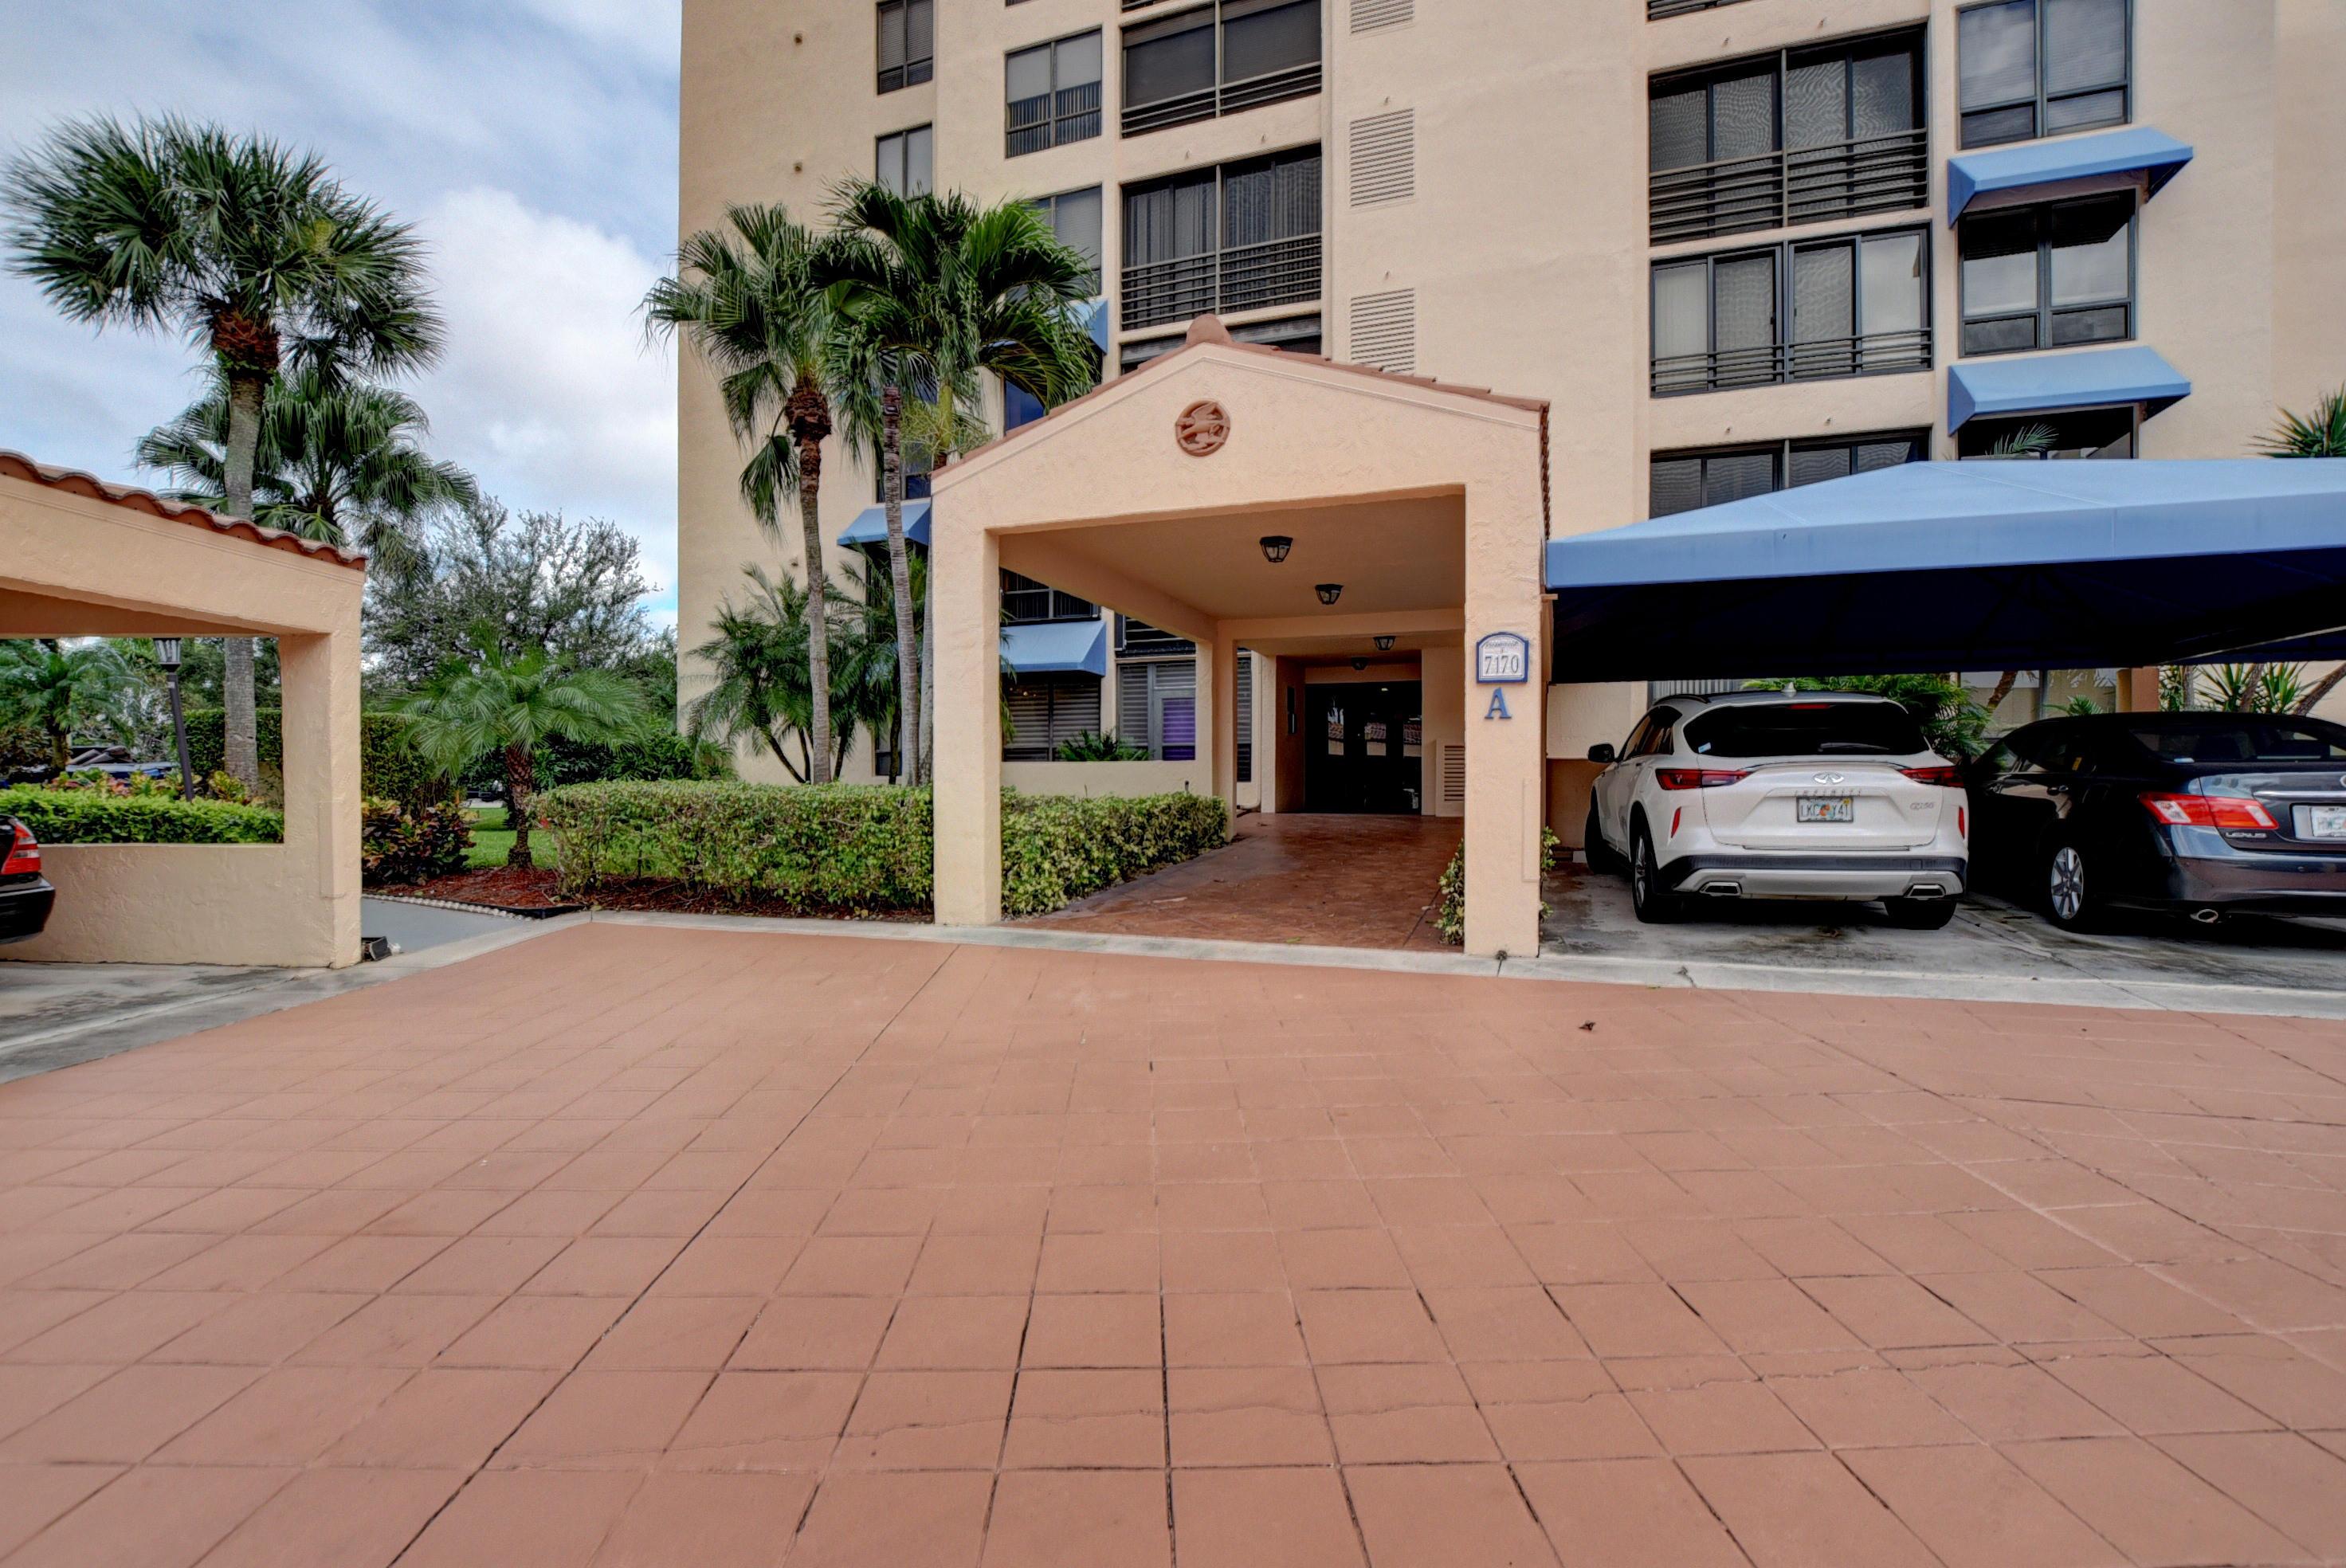 7170 Promenade Drive UNIT #101 Boca Raton, FL 33433